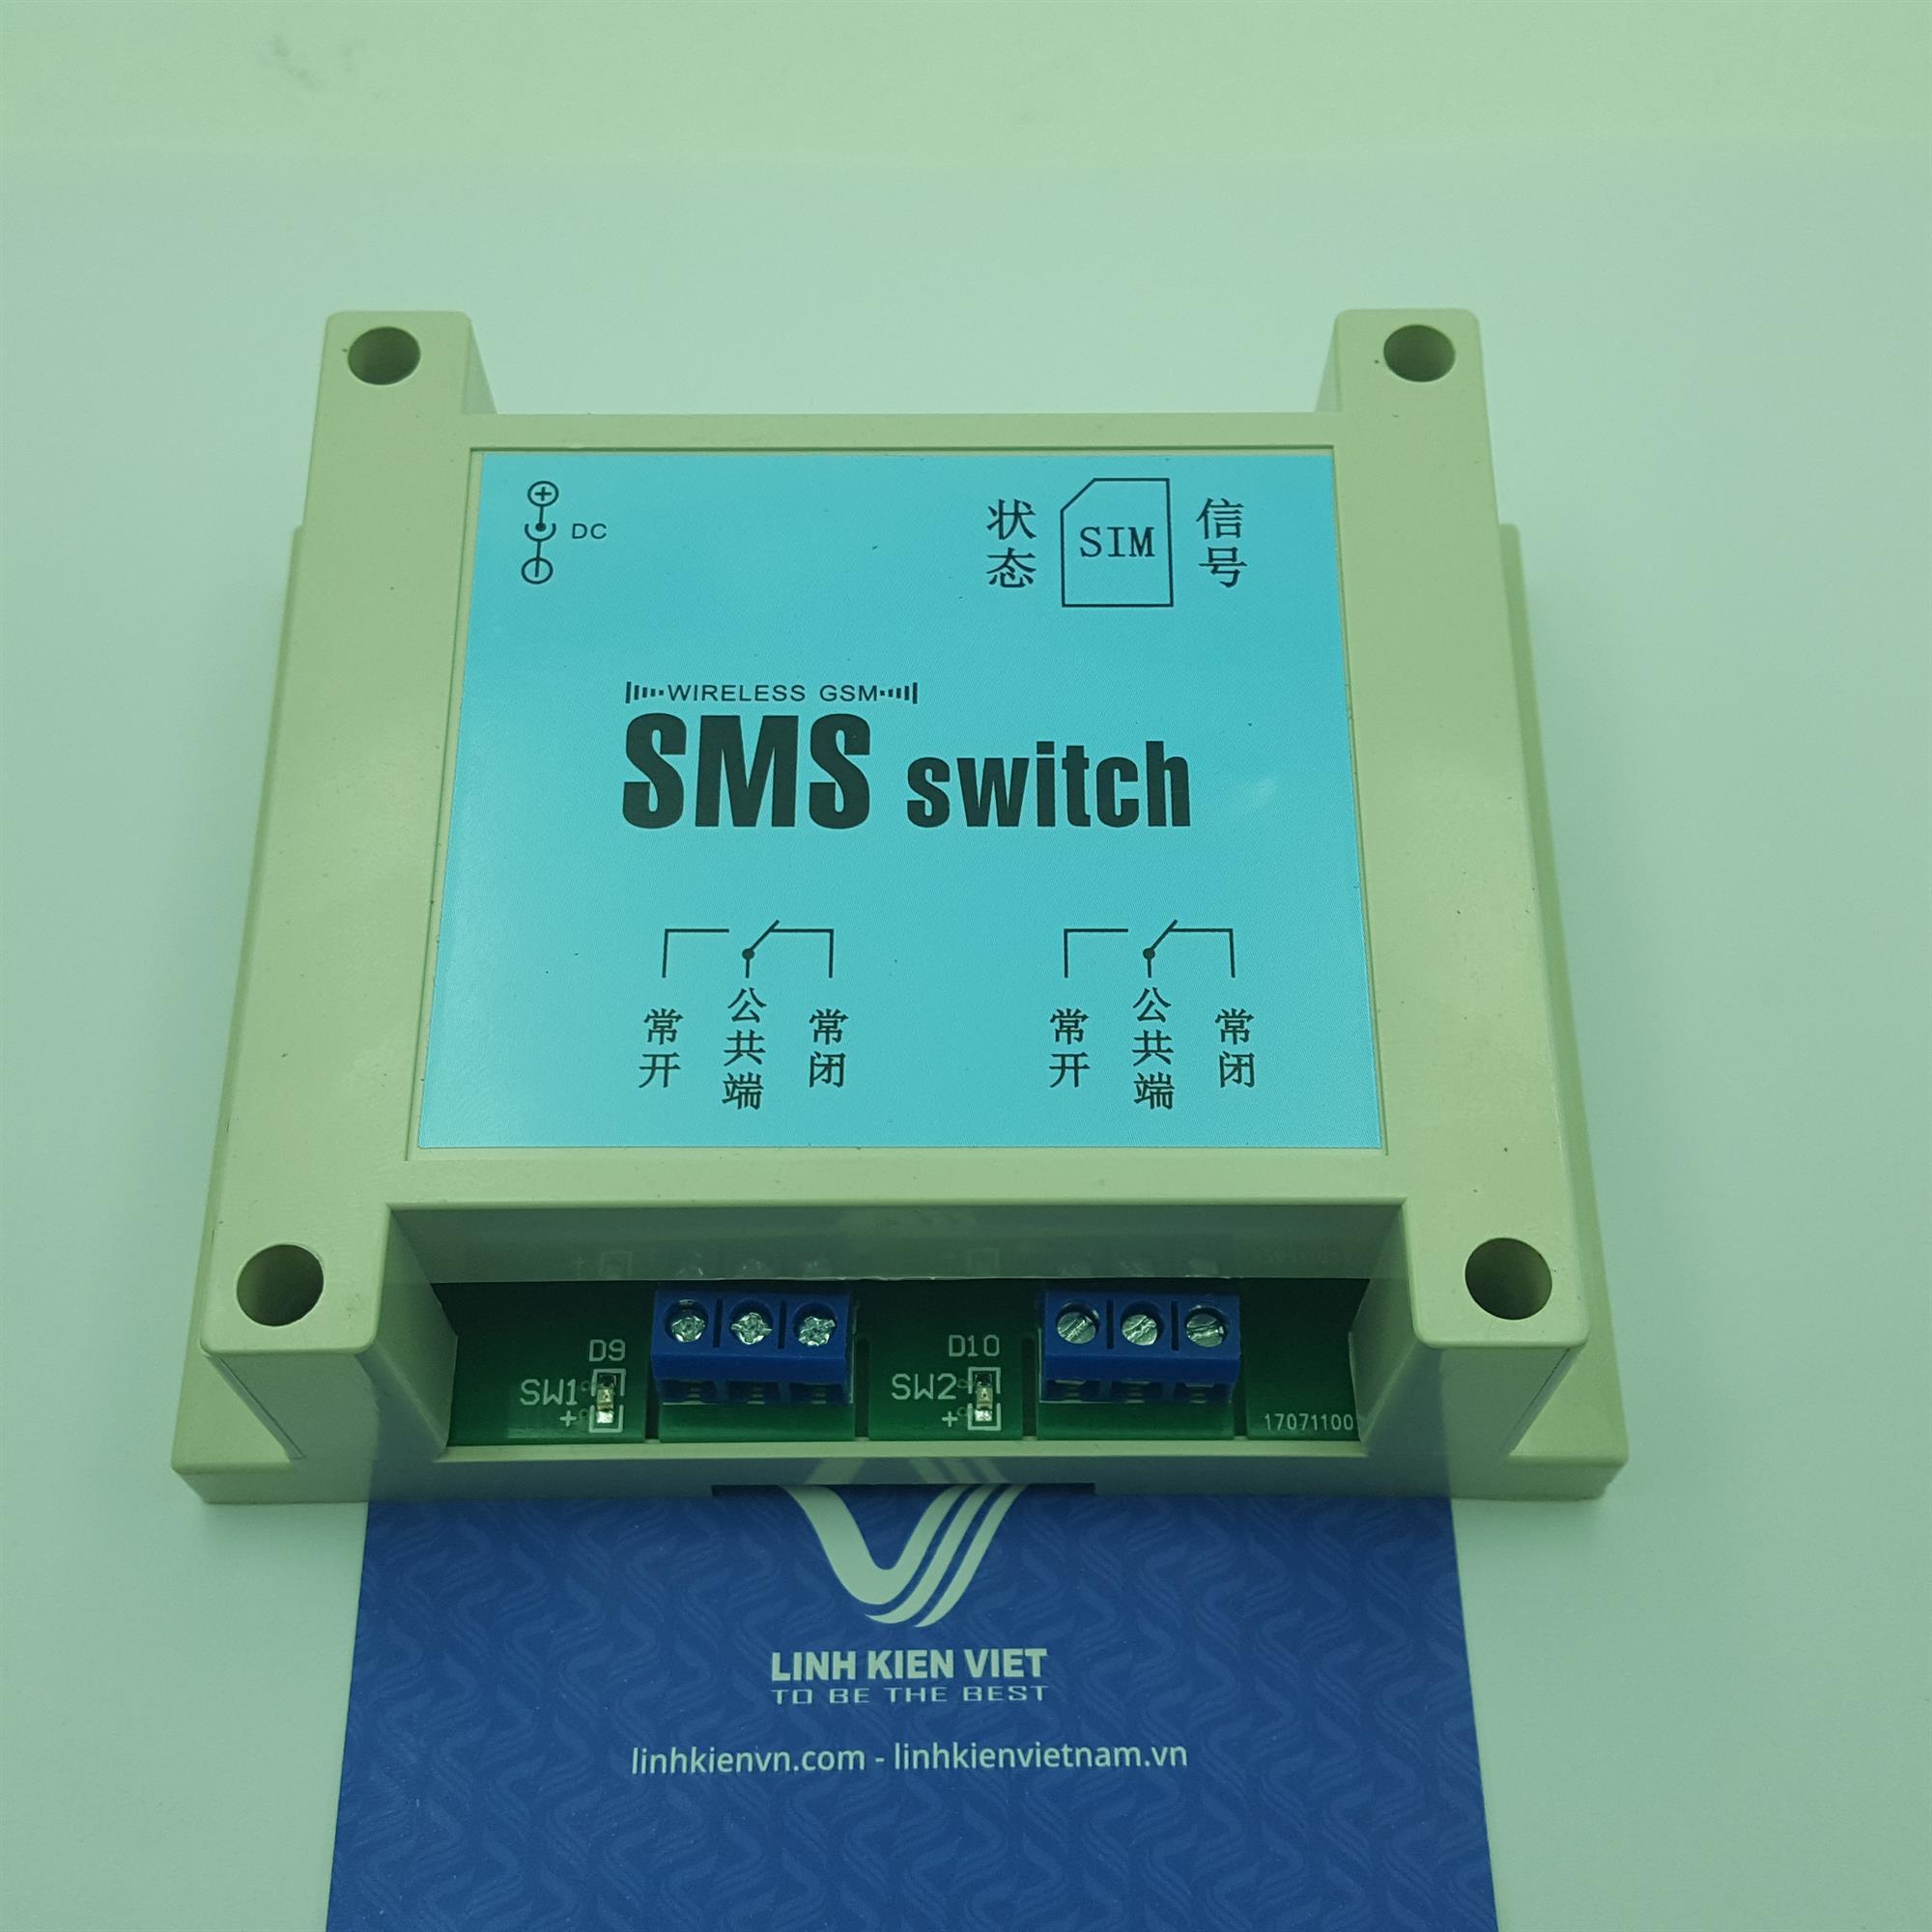 Bộ điều khiển thiết bị từ xa dùng SMS - J3H20